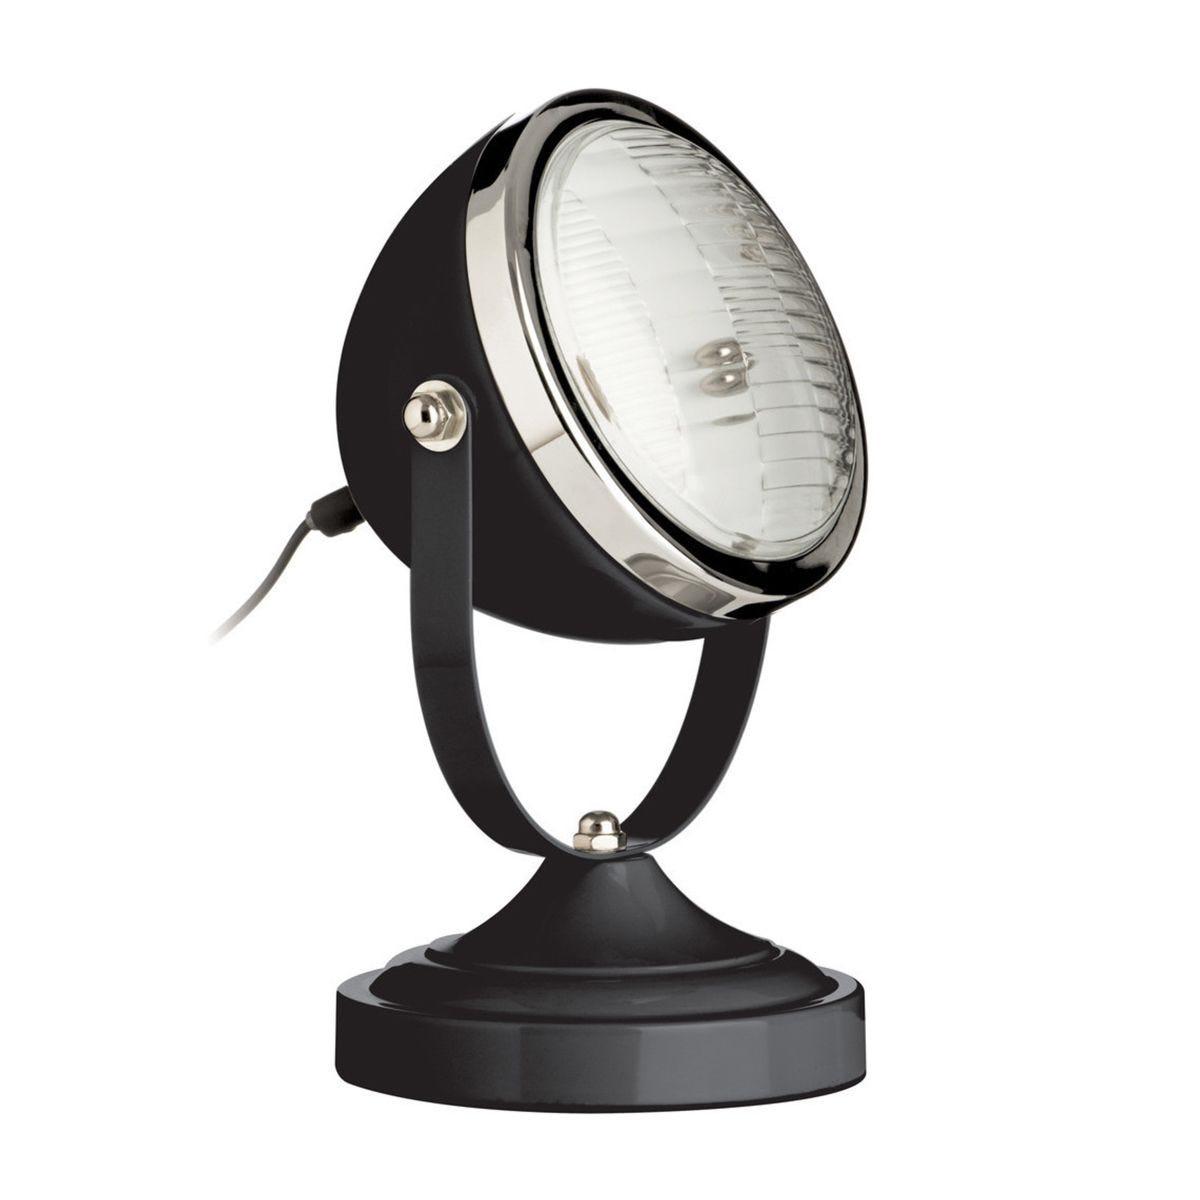 Table Lamp - Black/Chrome Finish